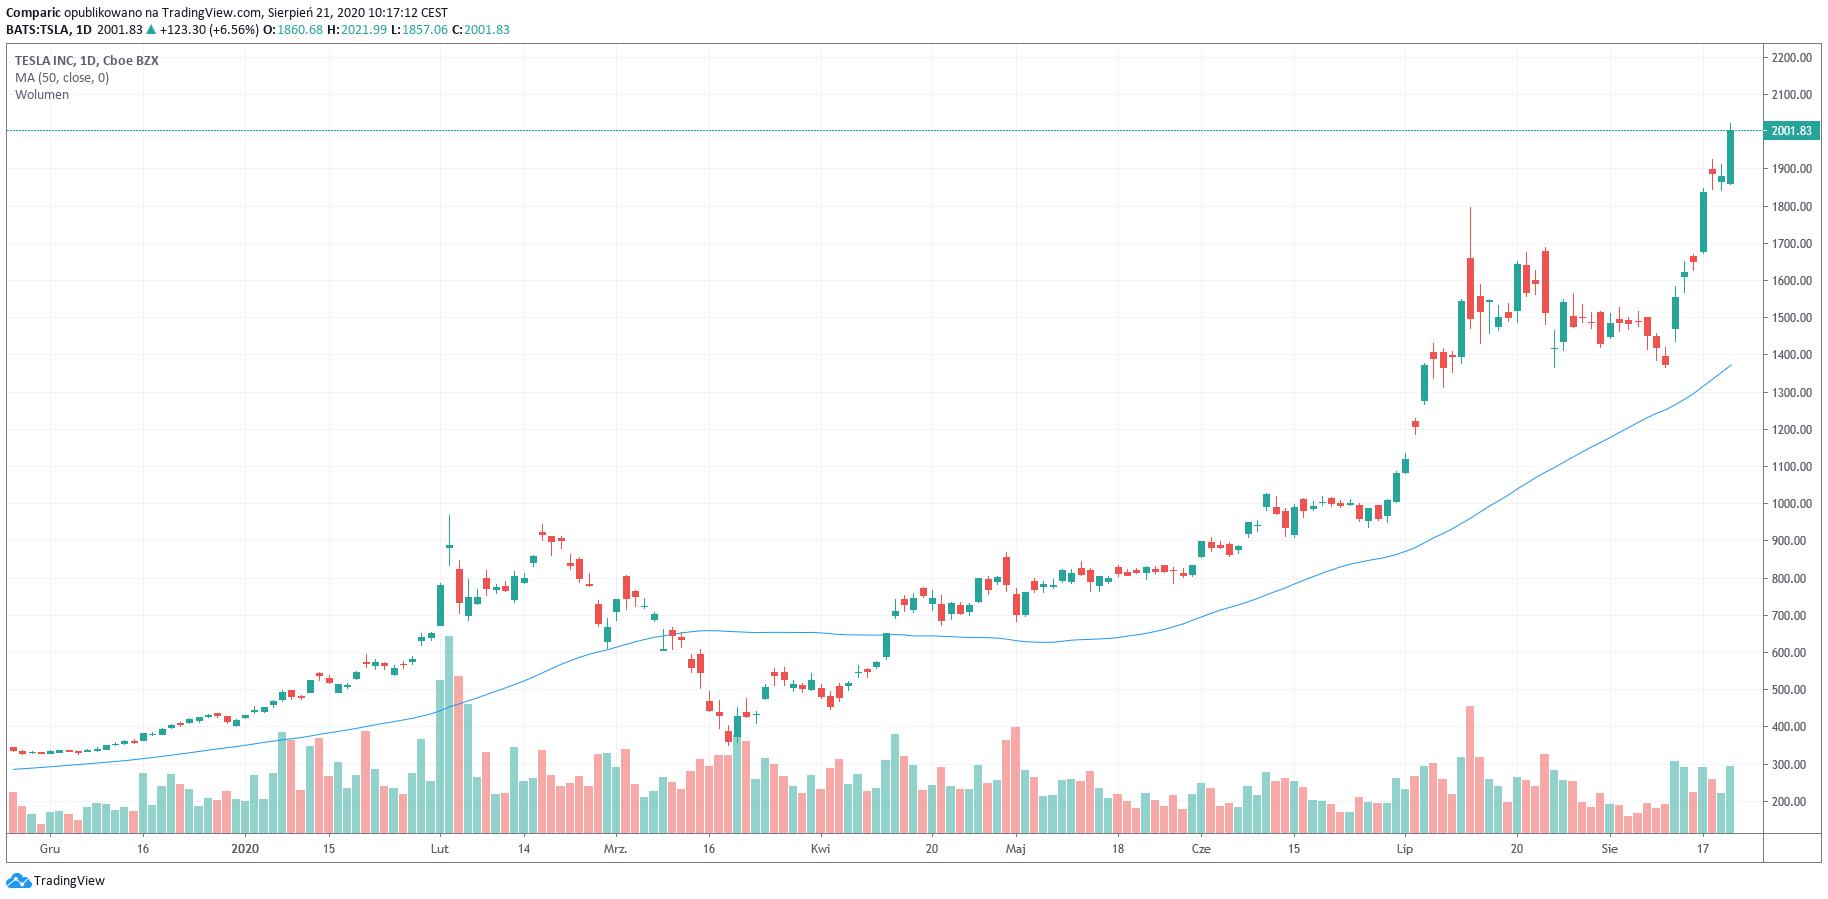 Tesla powyżej 2000 dol.! Niesamowity wzrost akcji spółki staje się faktem.